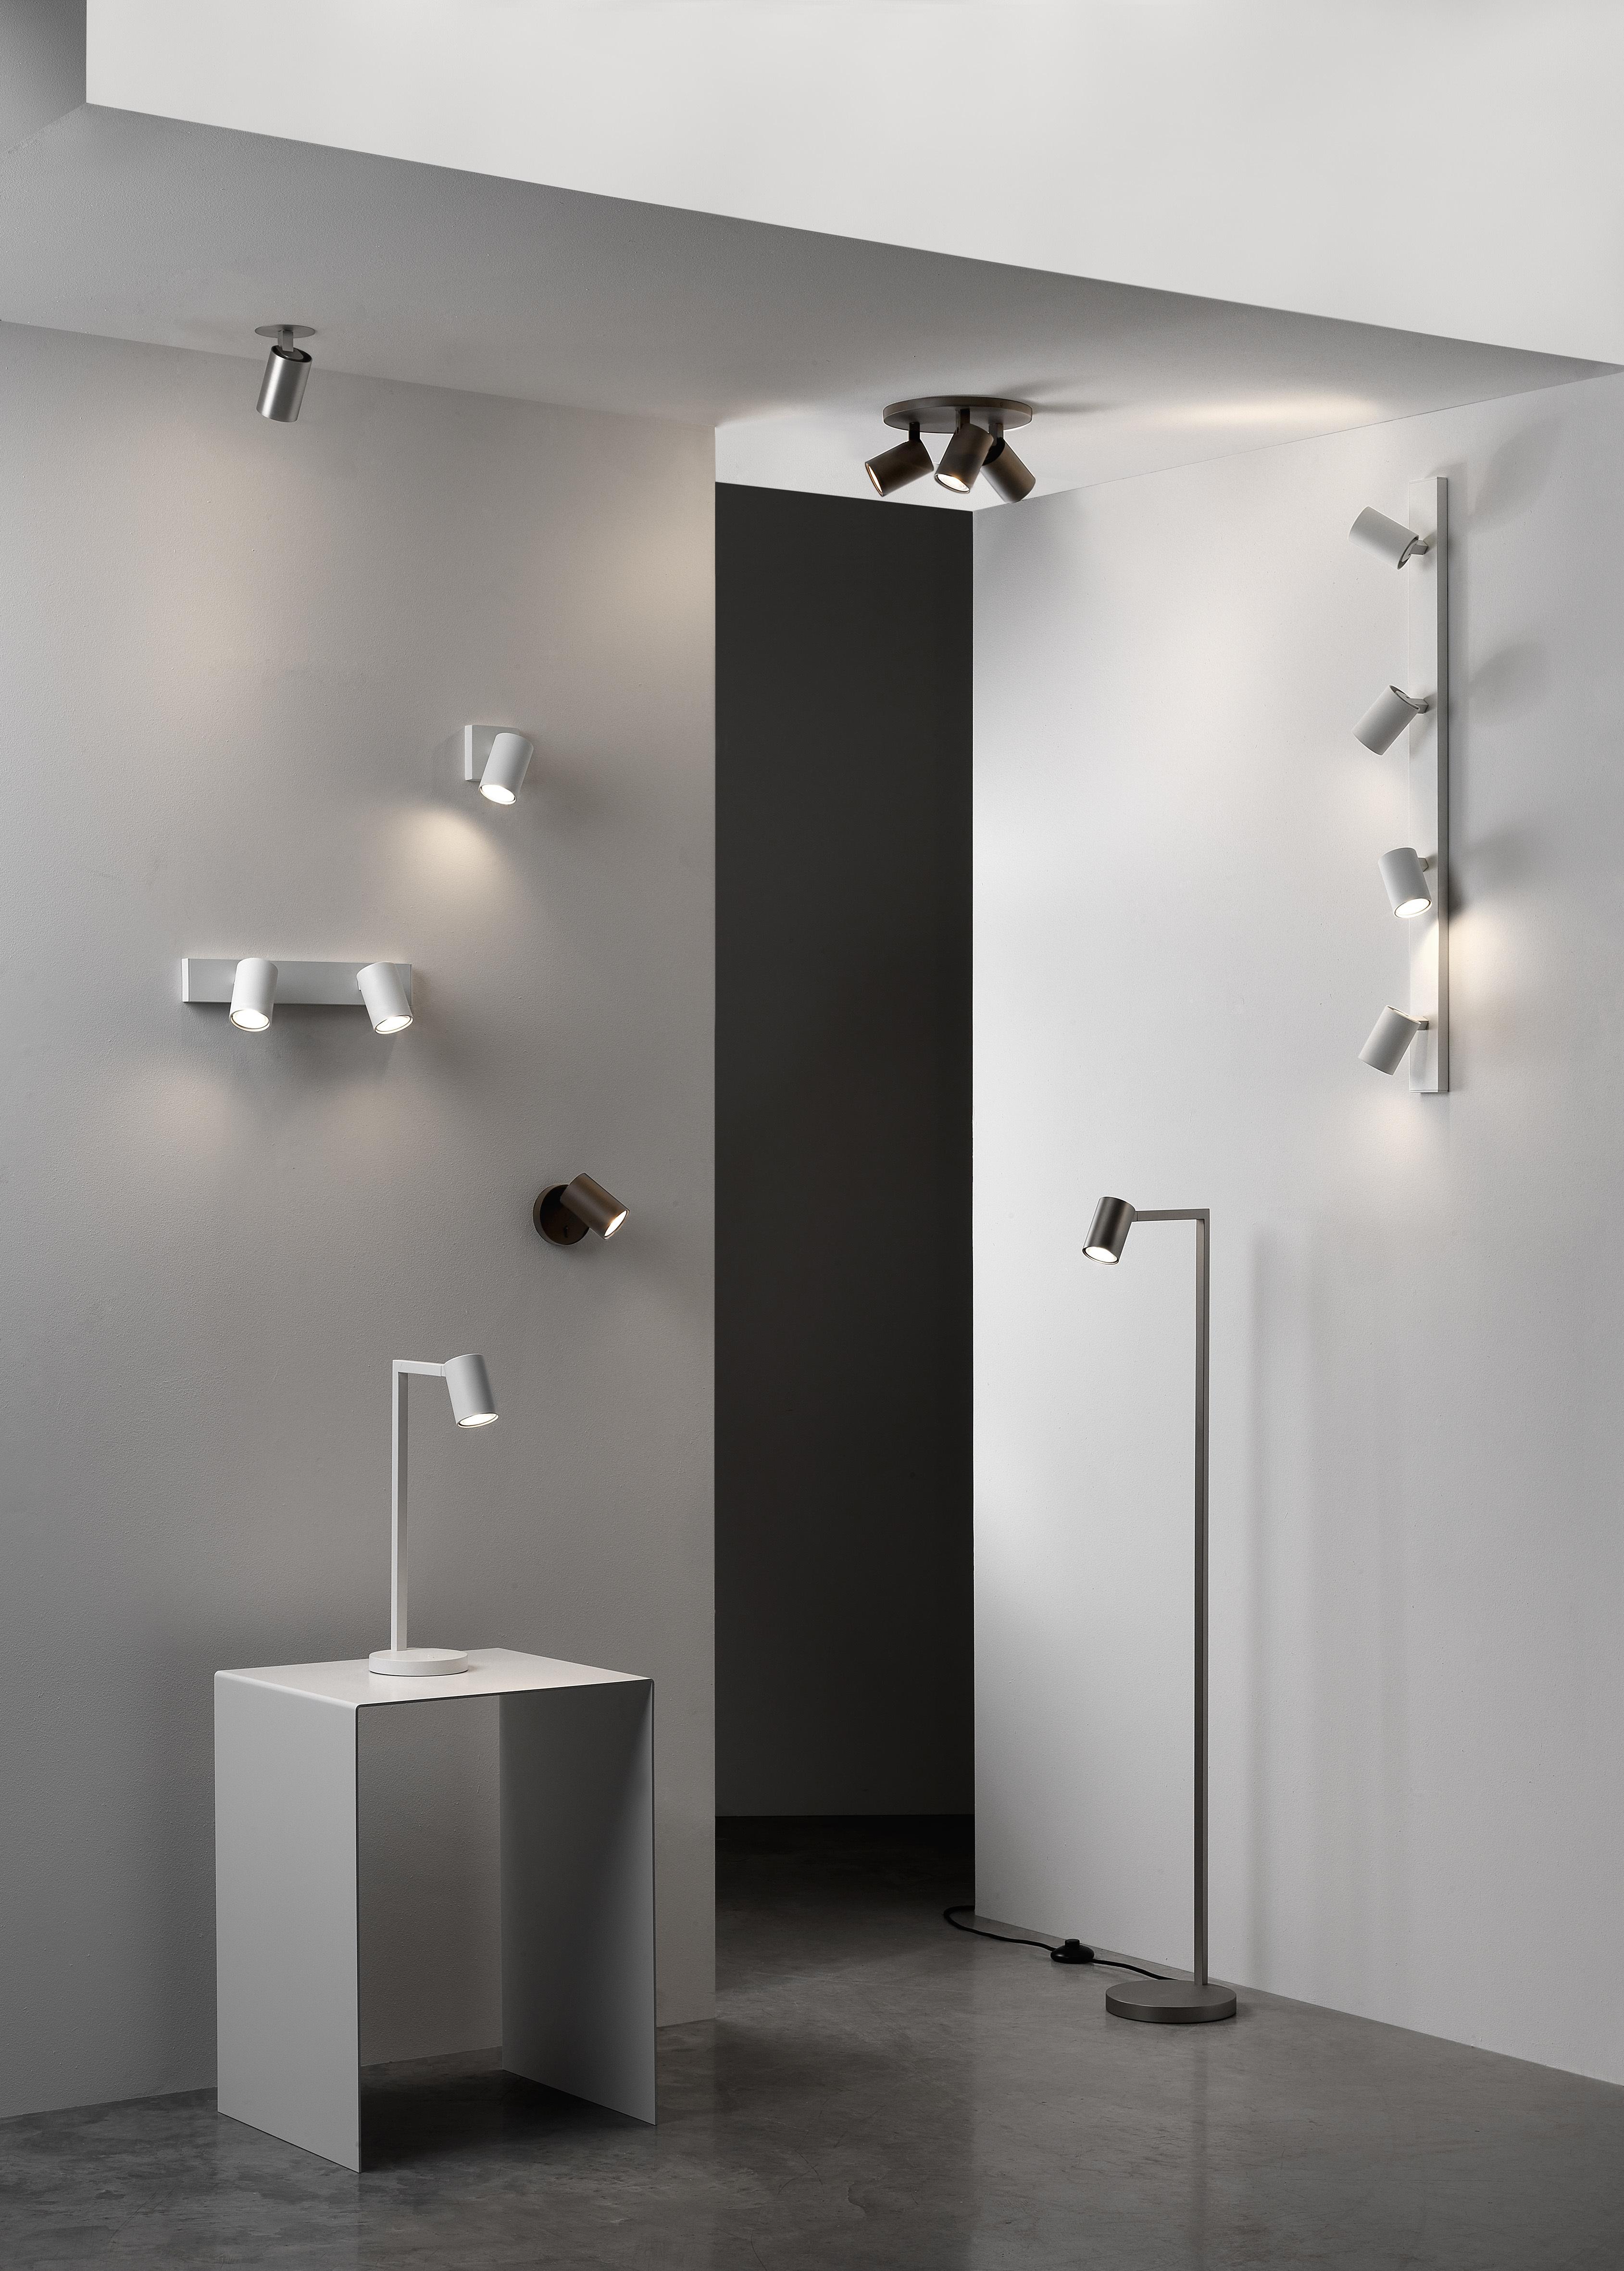 Потолочный светильник с регулировкой направления света Astro Ascoli 1286034 (6159), 2xGU10x50W, белый, металл - фото 2